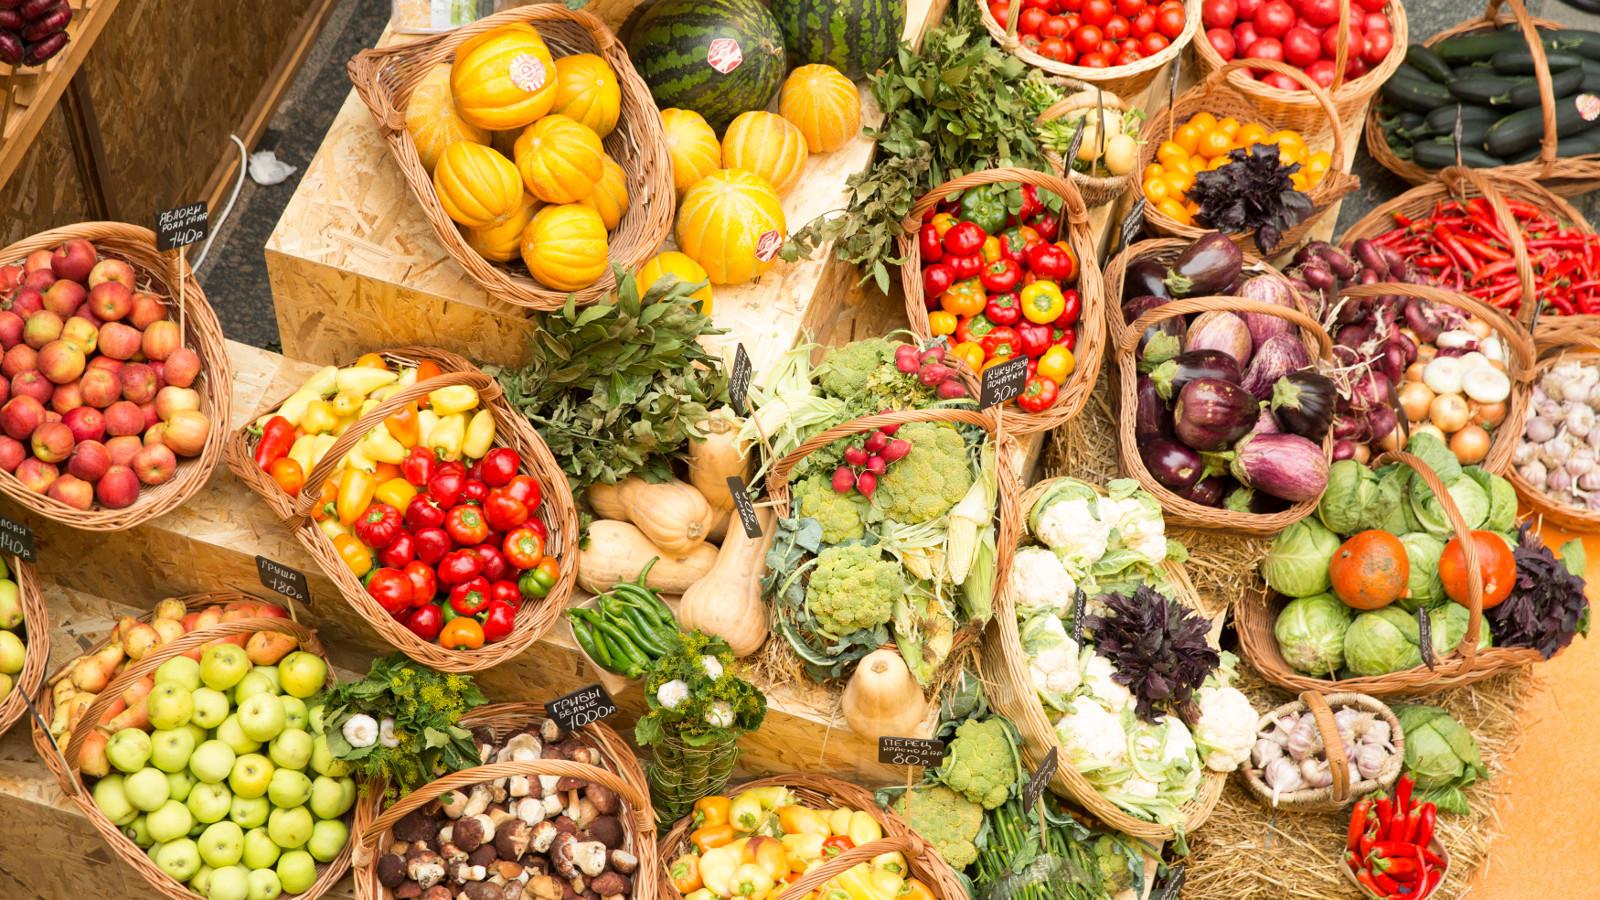 Порядка тонны овощей и фруктов продали на ярмарке «Ценопад» в Зарайске